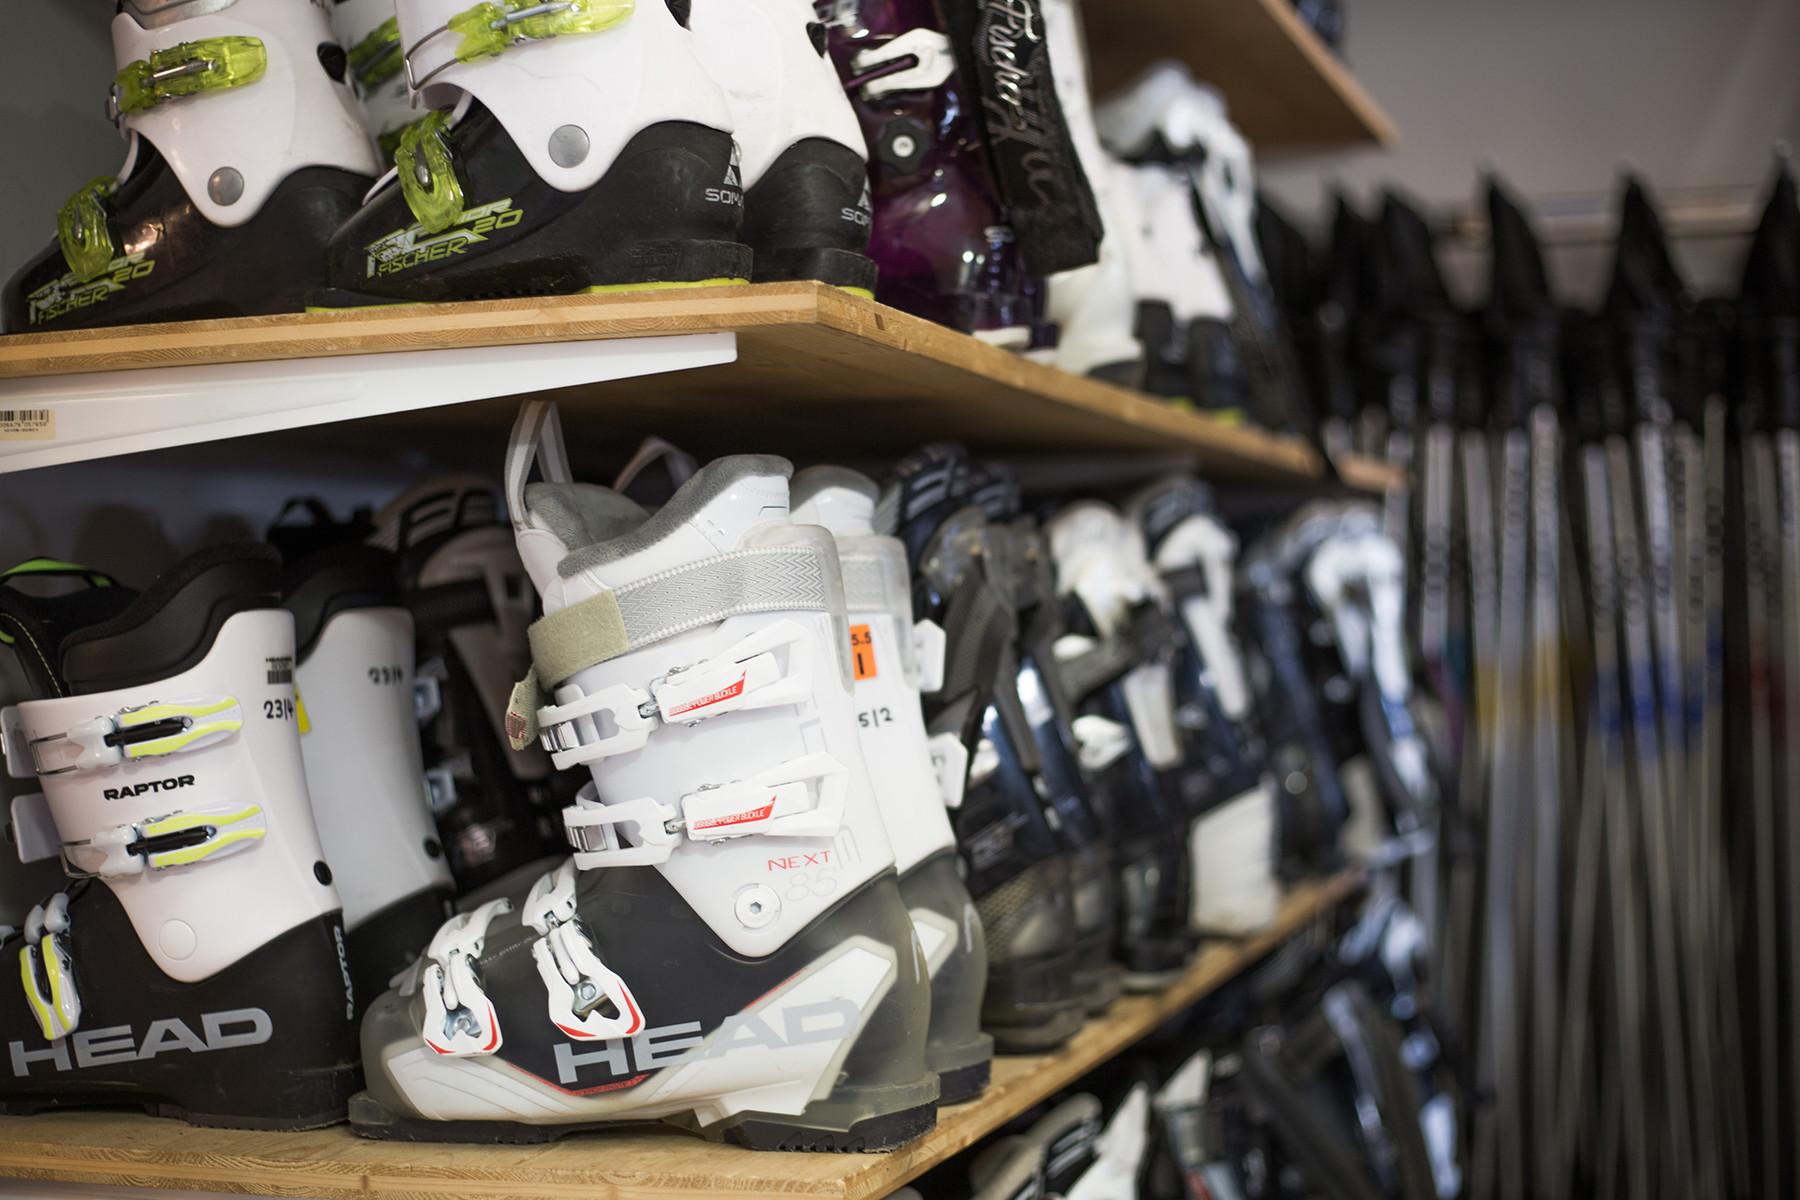 Klettersteigset Verleih Berchtesgaden : Klettersteig kompetenzzentrum kletterberatung berchtesgaden